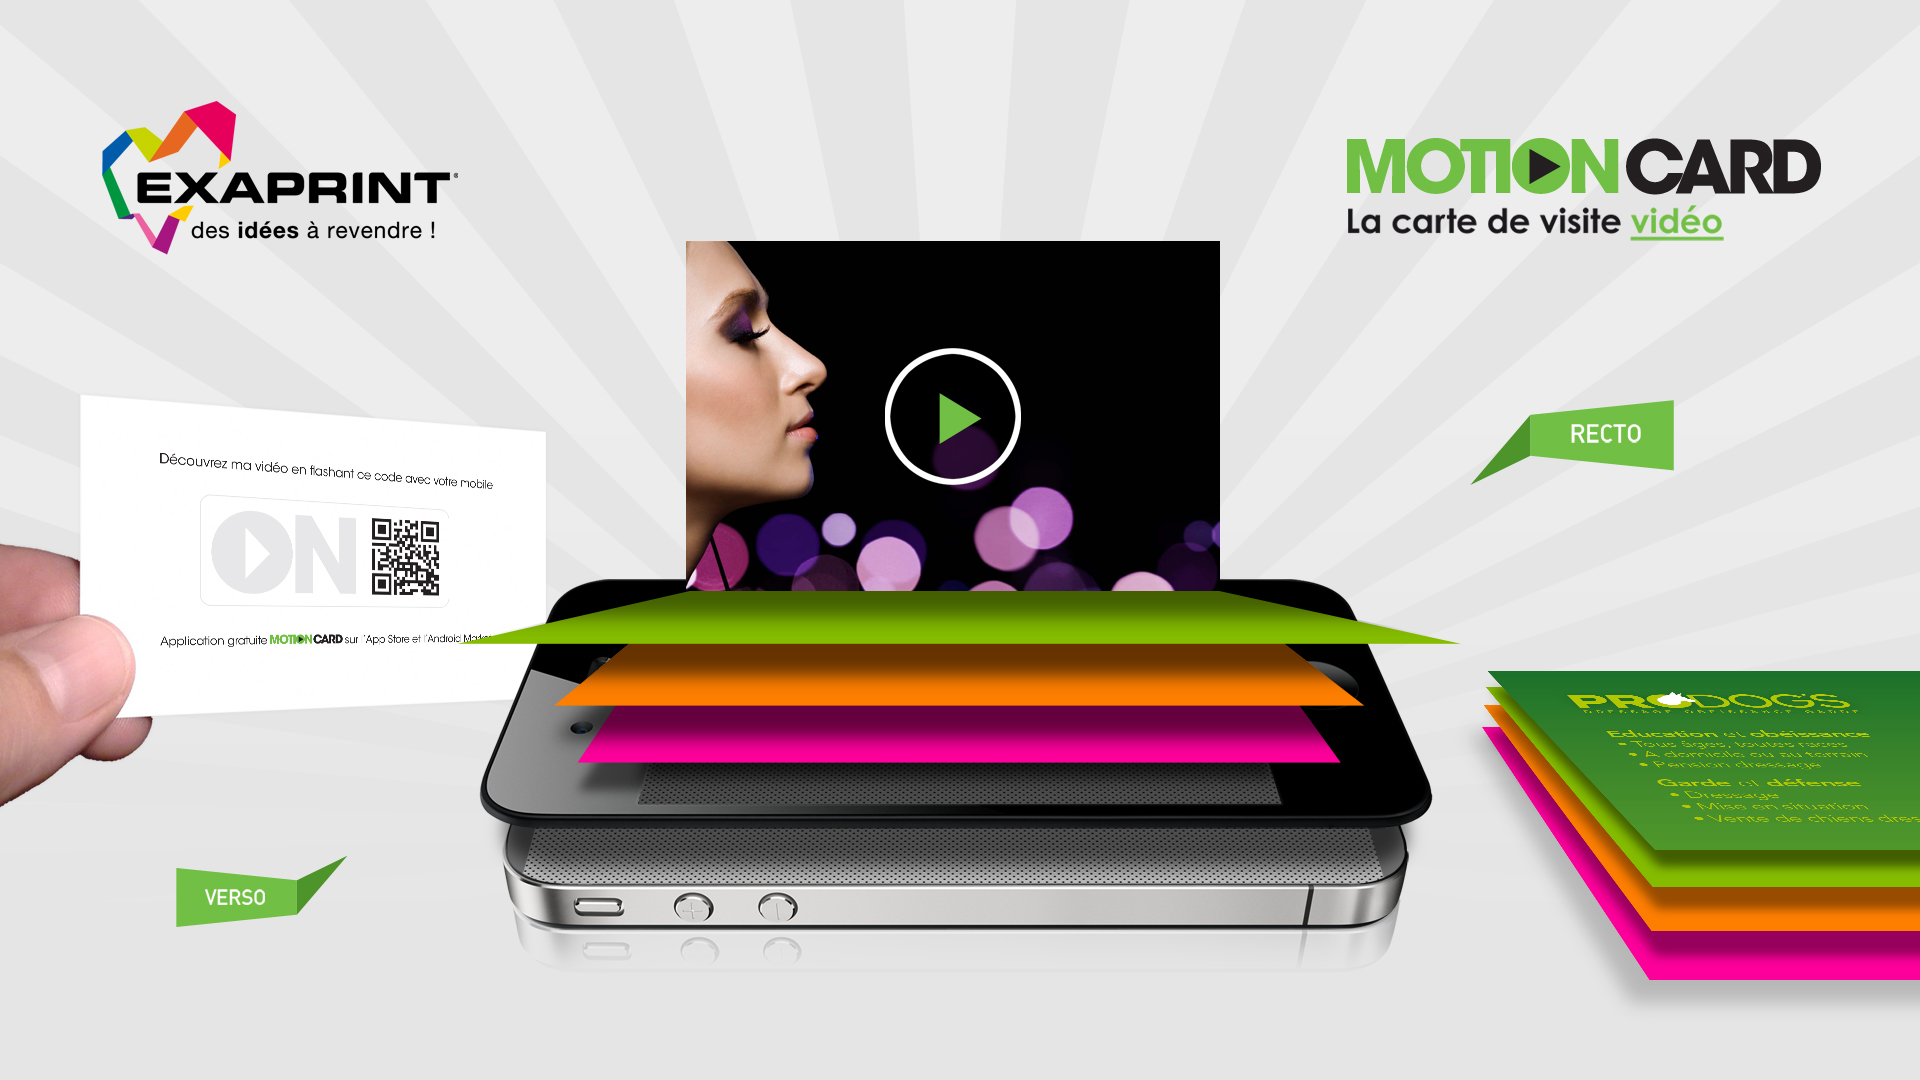 exaprint-motioncard-creation-concept-visuel-mailing-site-communication-caconcept-alexis-cretin-graphiste-bis